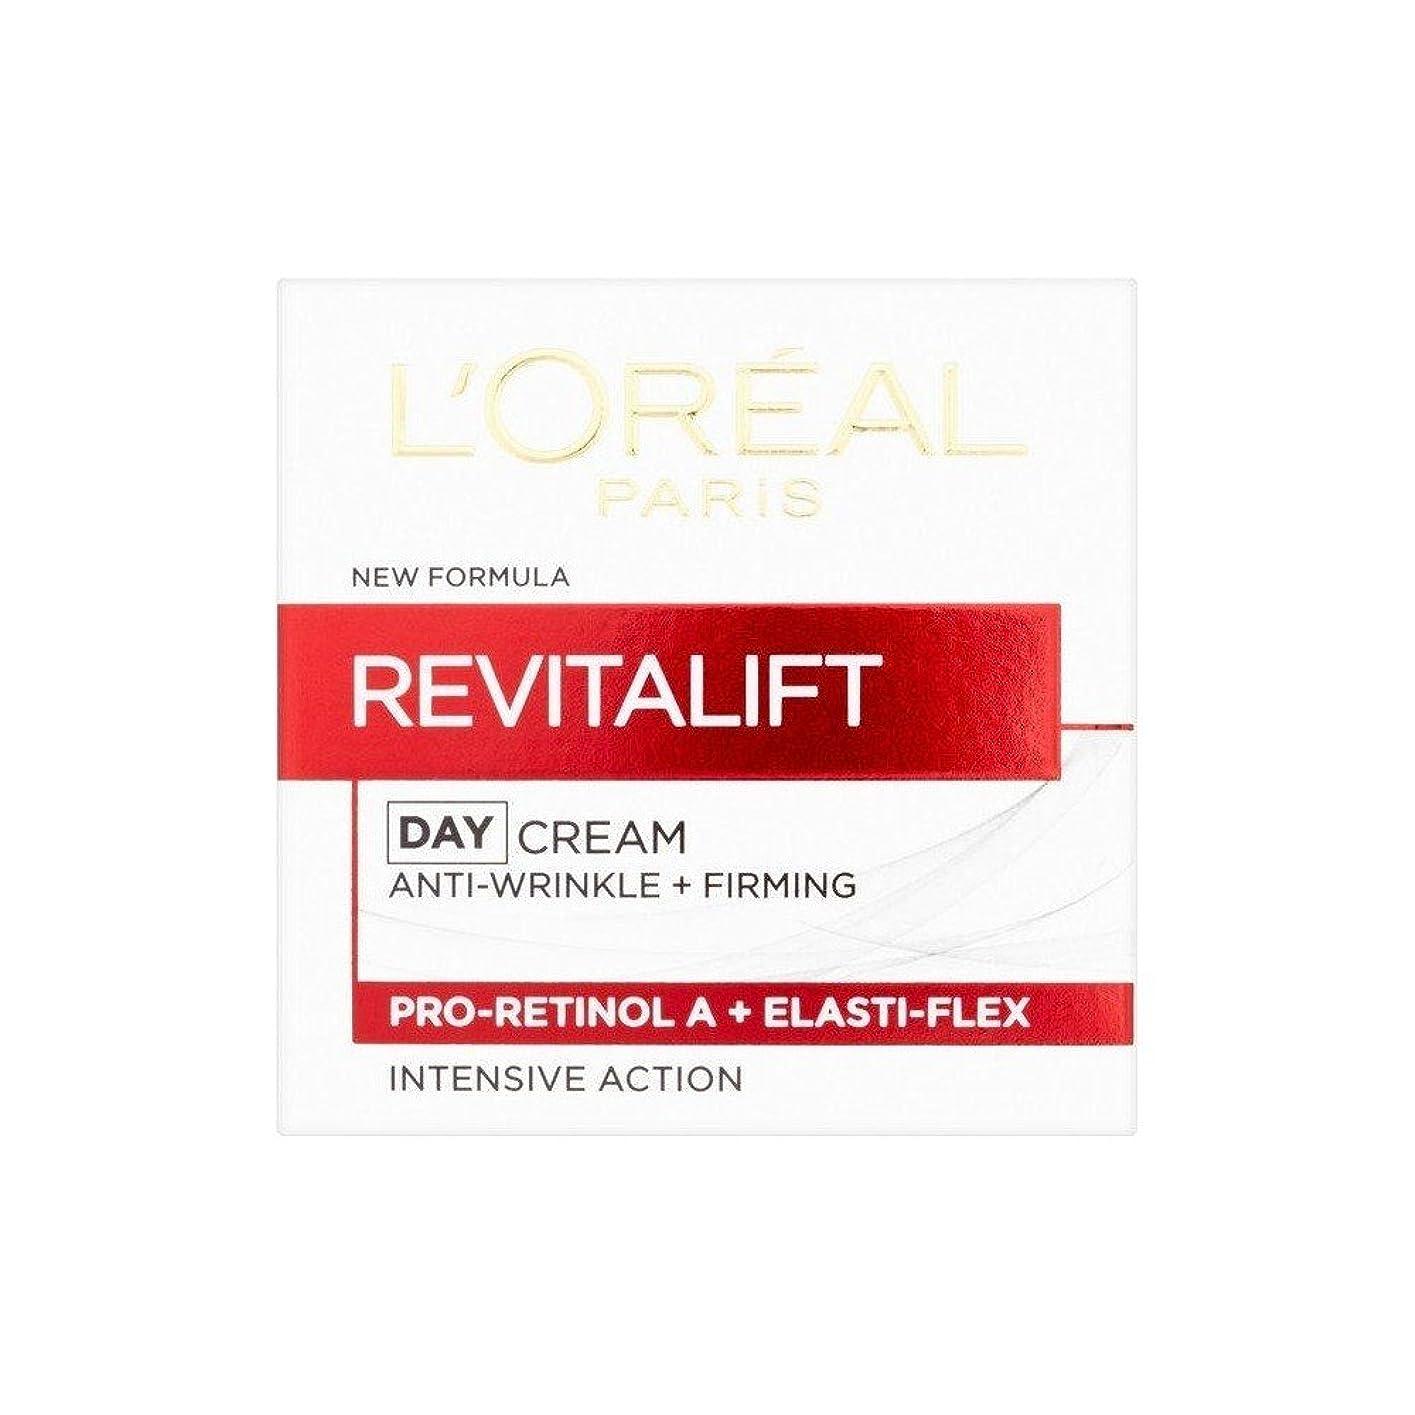 ケーキ実用的くさびL'Oreal Paris Dermo Expertise Revitalift Day Cream SPF15 (50ml) L'オラ?アルパリ、真皮の専門知識のrevitaliftデイクリームspf15 ( 50ミリリットル) [並行輸入品]